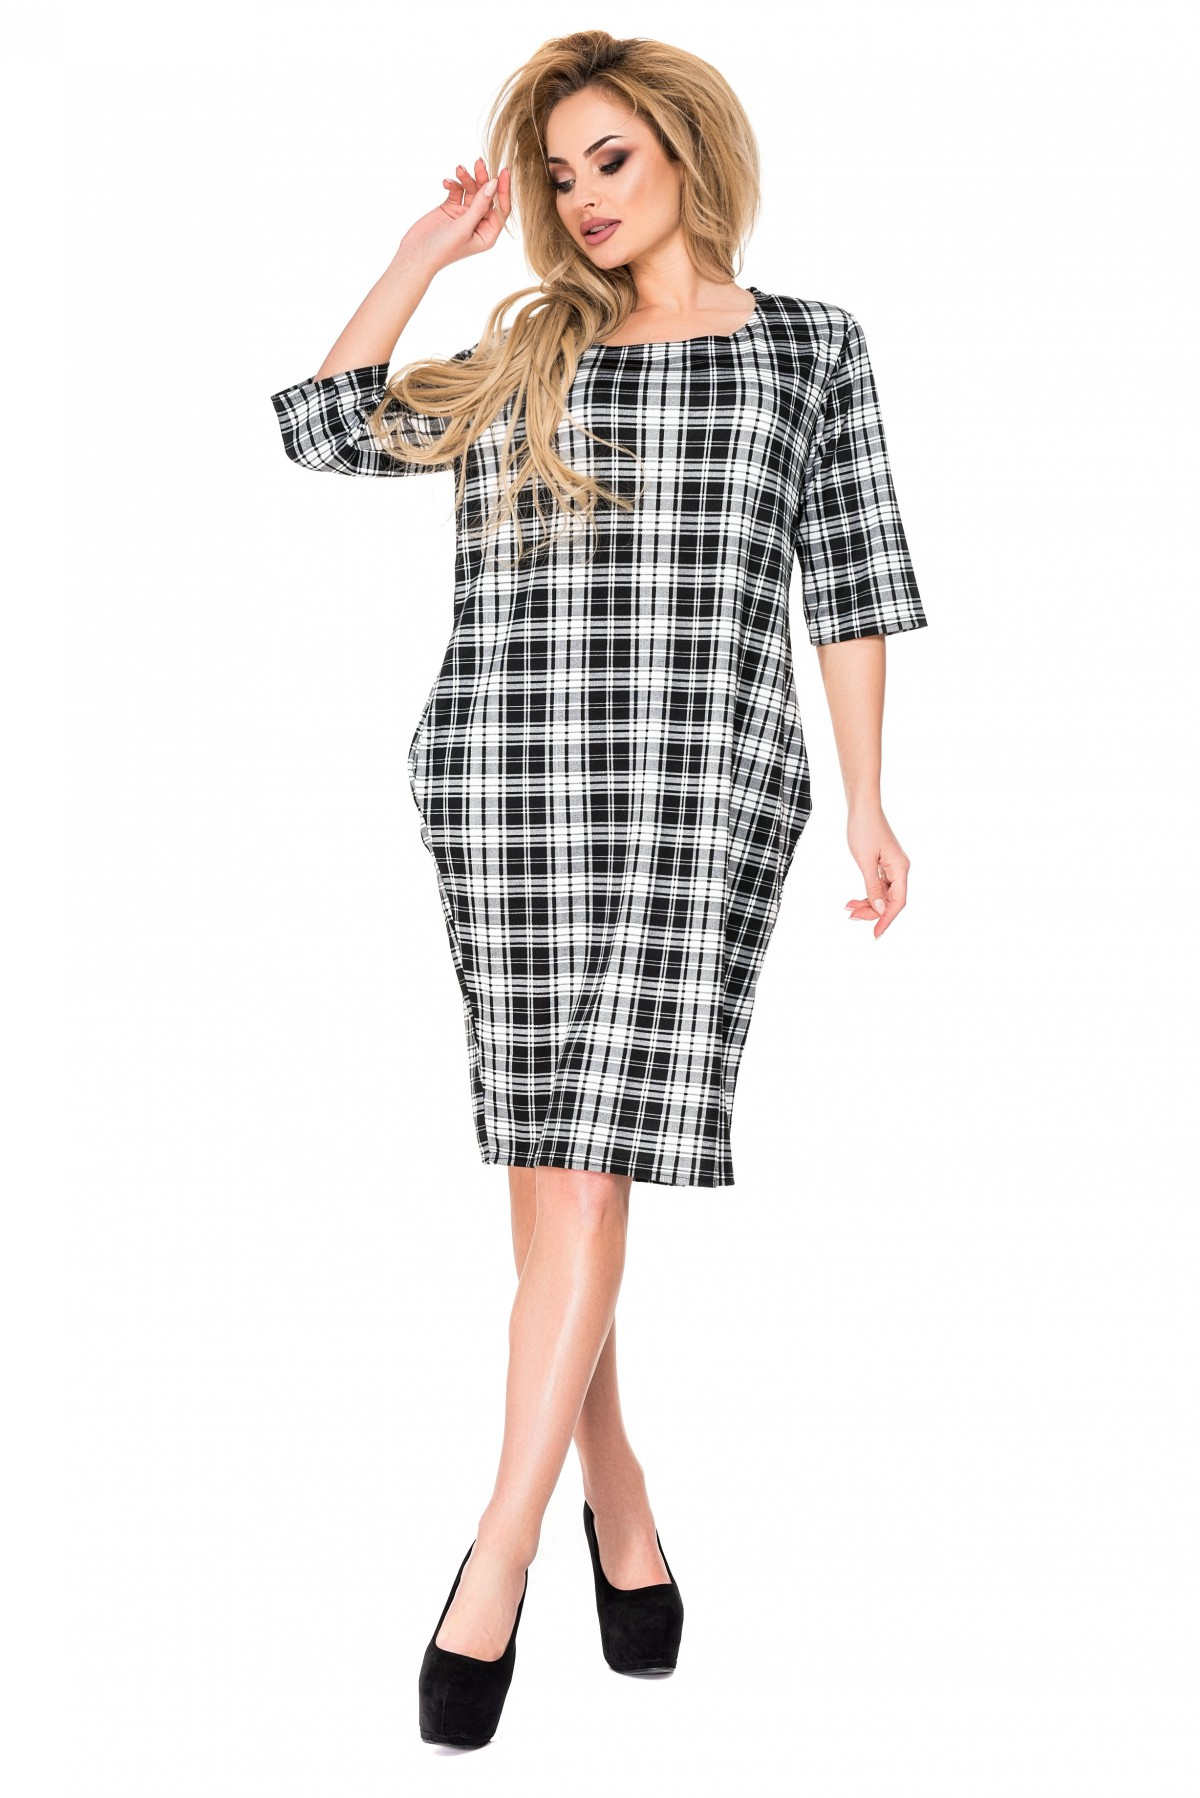 13d55edaaba Клетчатое черно-белое платье из французского трикотажа с короткими рукавами   226 грн. фото ...